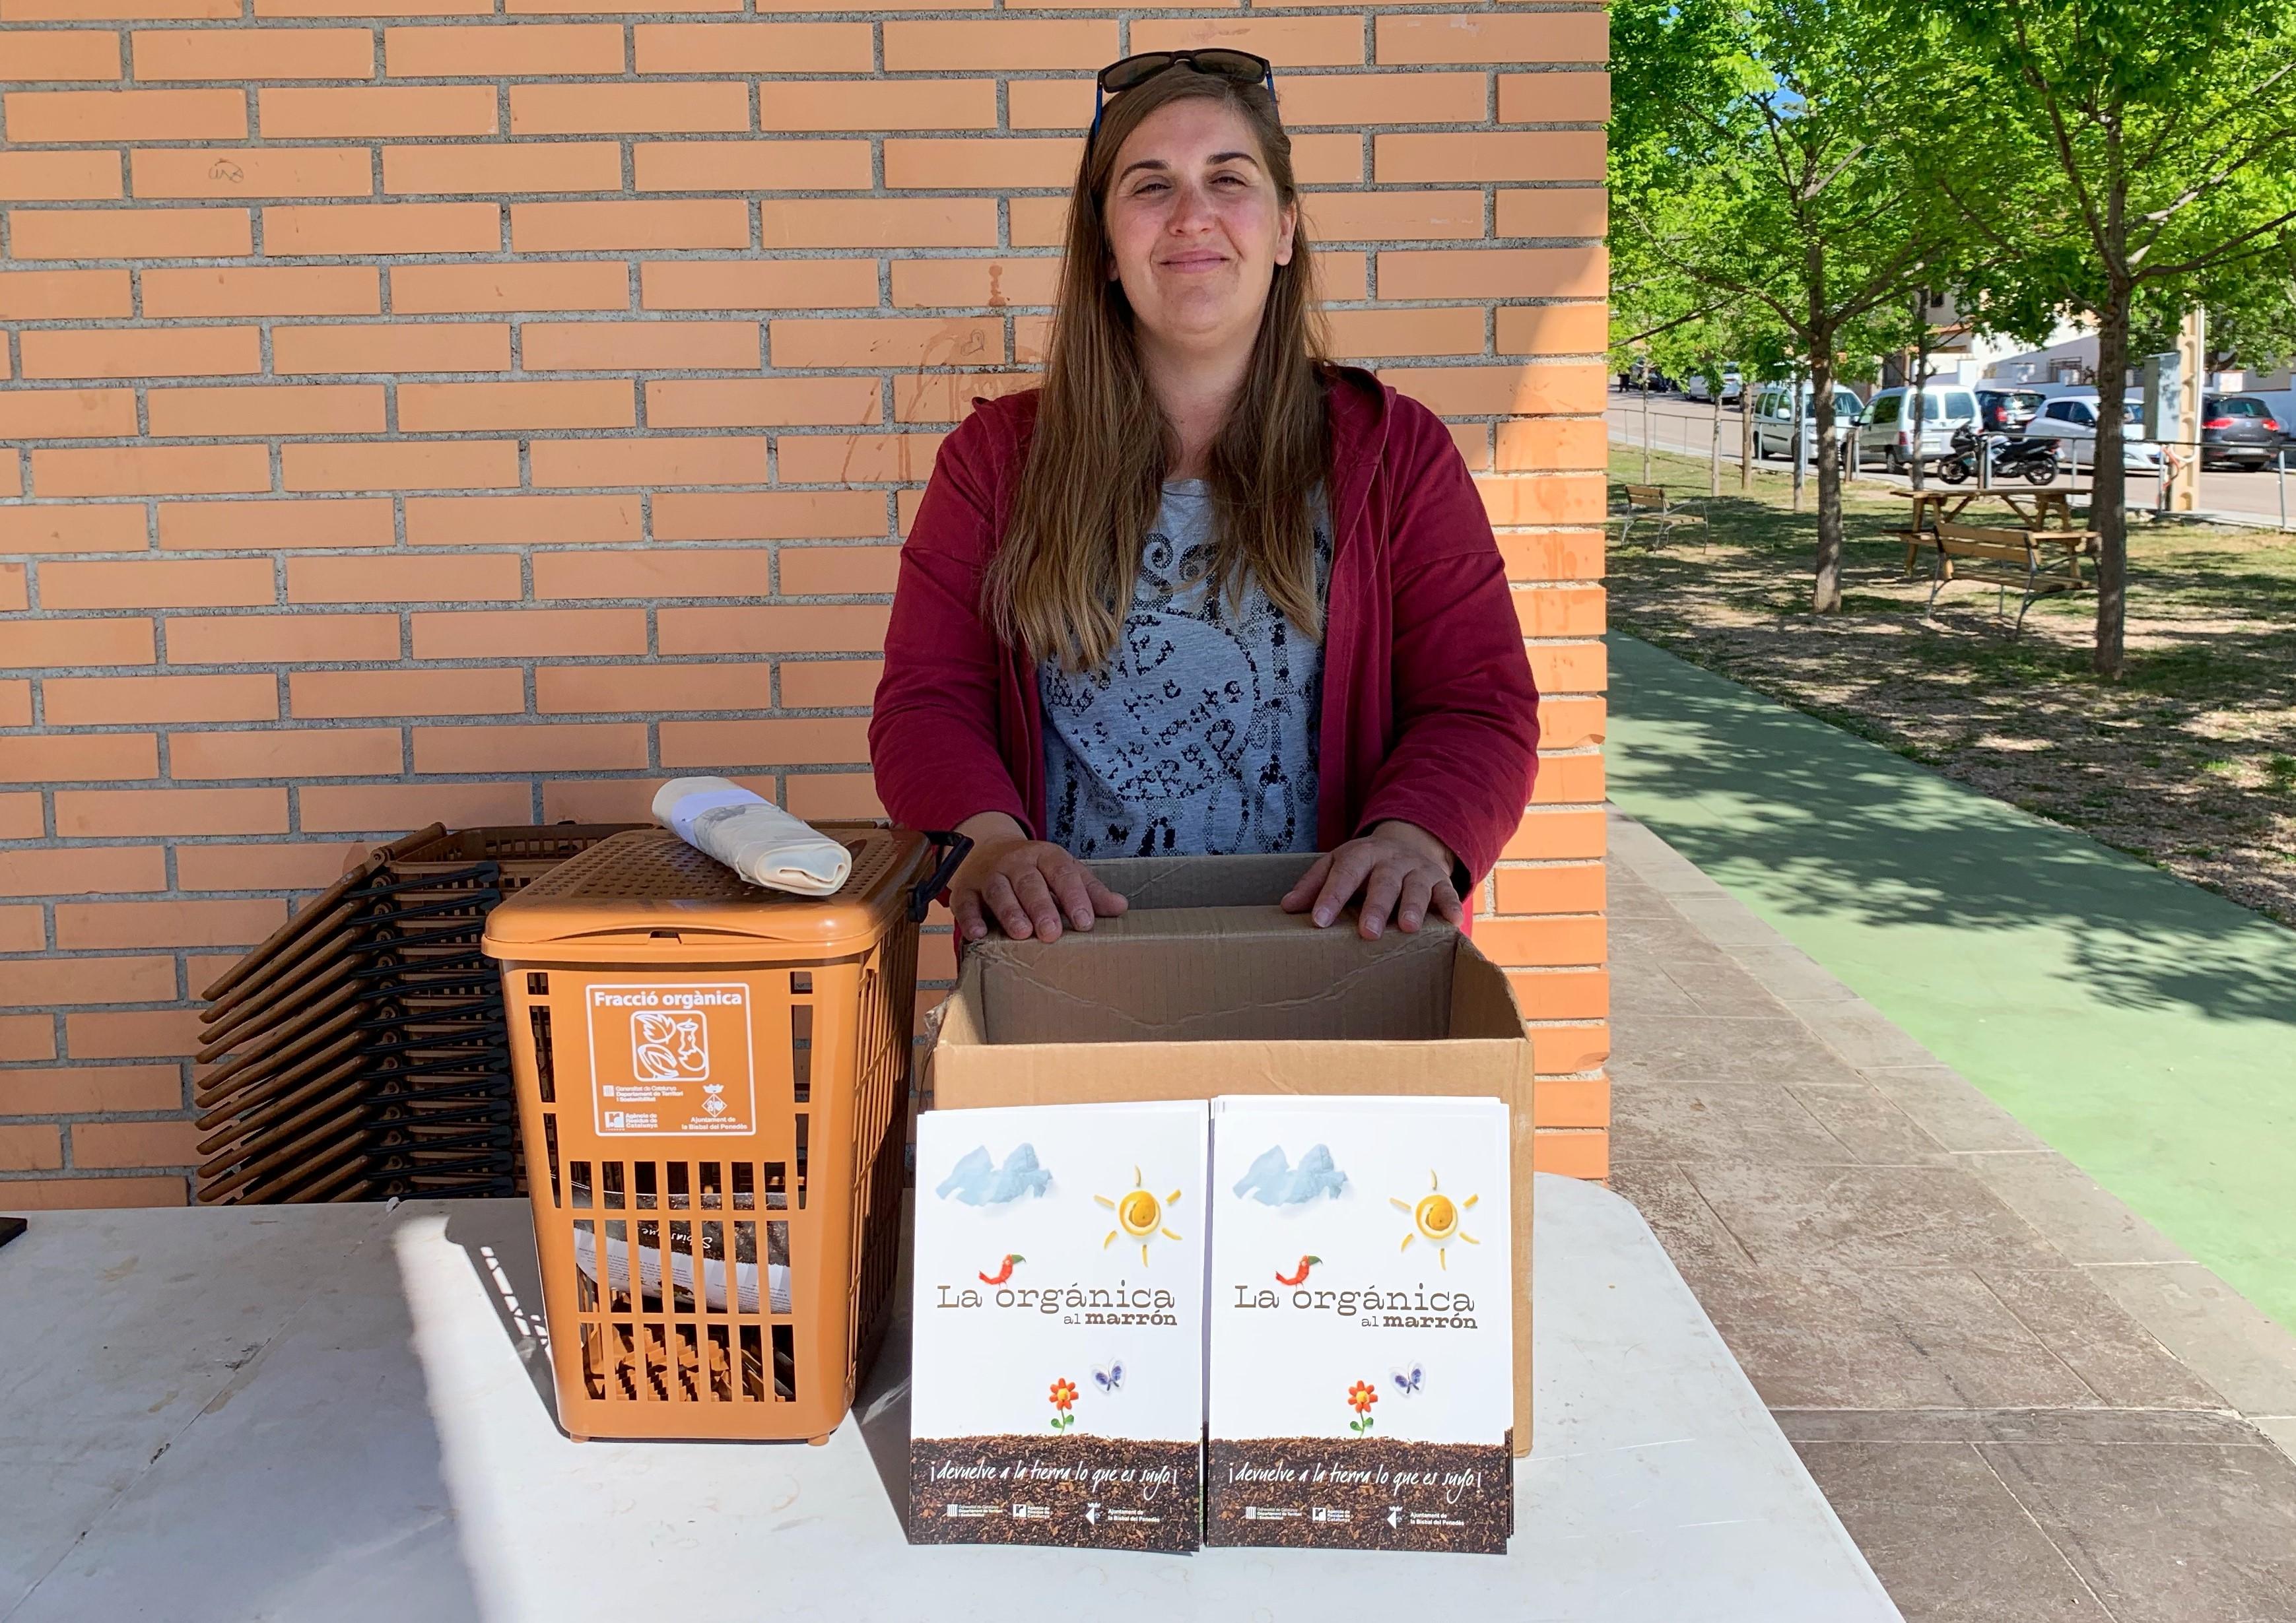 Aquesta setmana es du a terme la campanya informativa sobre la recollida de matèria orgànica al Papagai